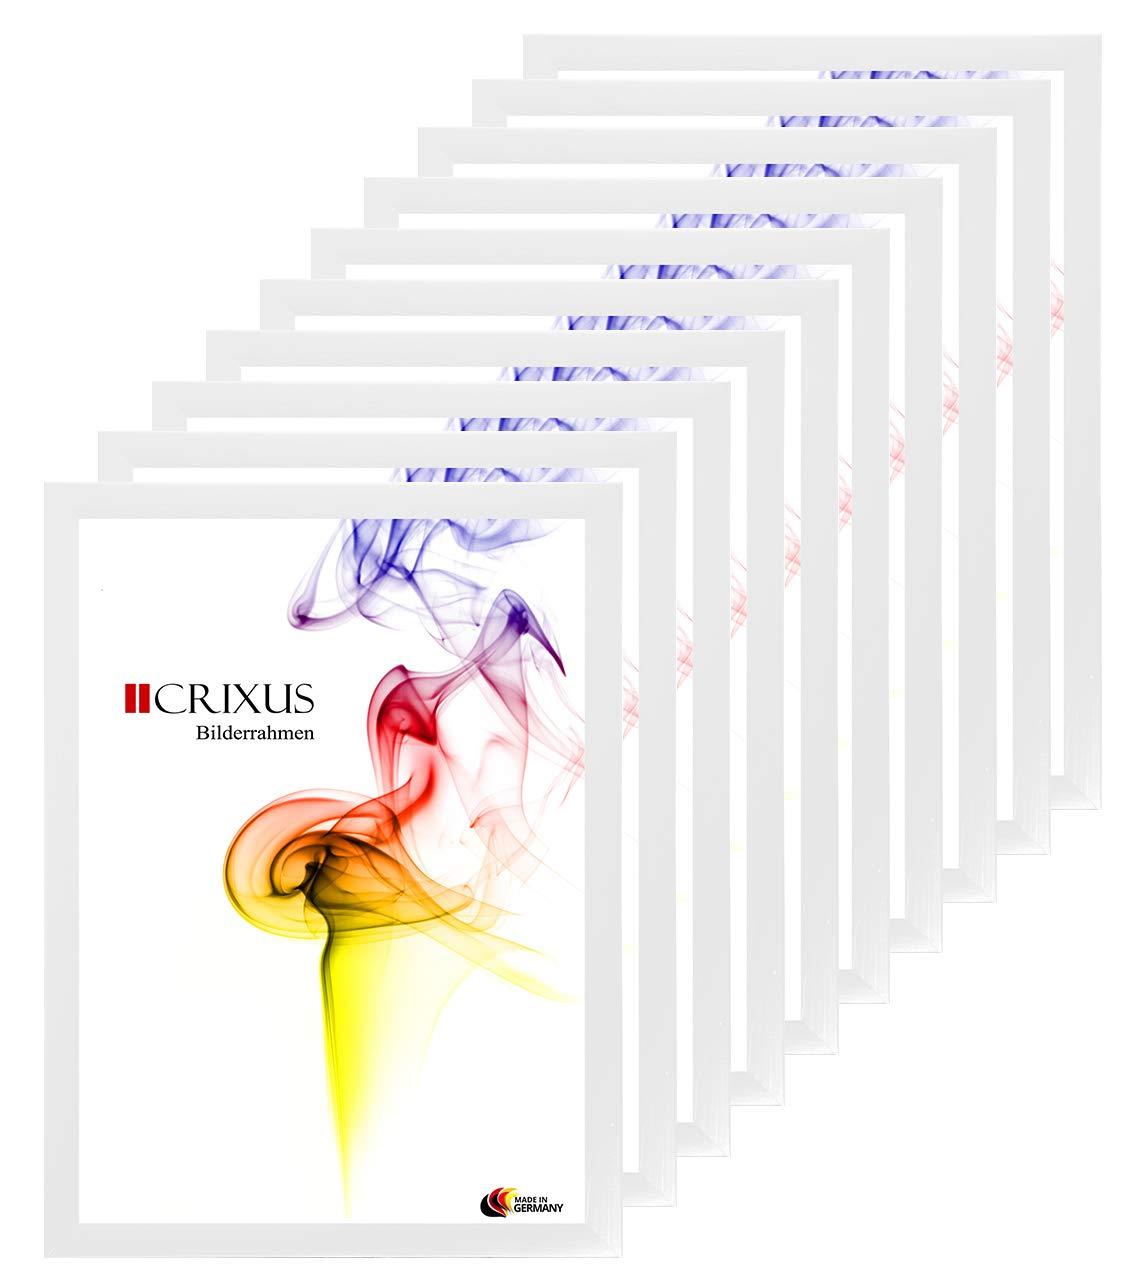 Crixus35 Bilderrahmen 10er Set für 11 x 15 cm Bilder, Farbe  Weiß gemasert, Holzrahmen MDF Maßanfertigung mit Acryl Kunstglas und MDF Rückwand innen Weiß lackiert, Rahmen Breite  35mm, Aussenmaß  16,6 x 20,6 cm